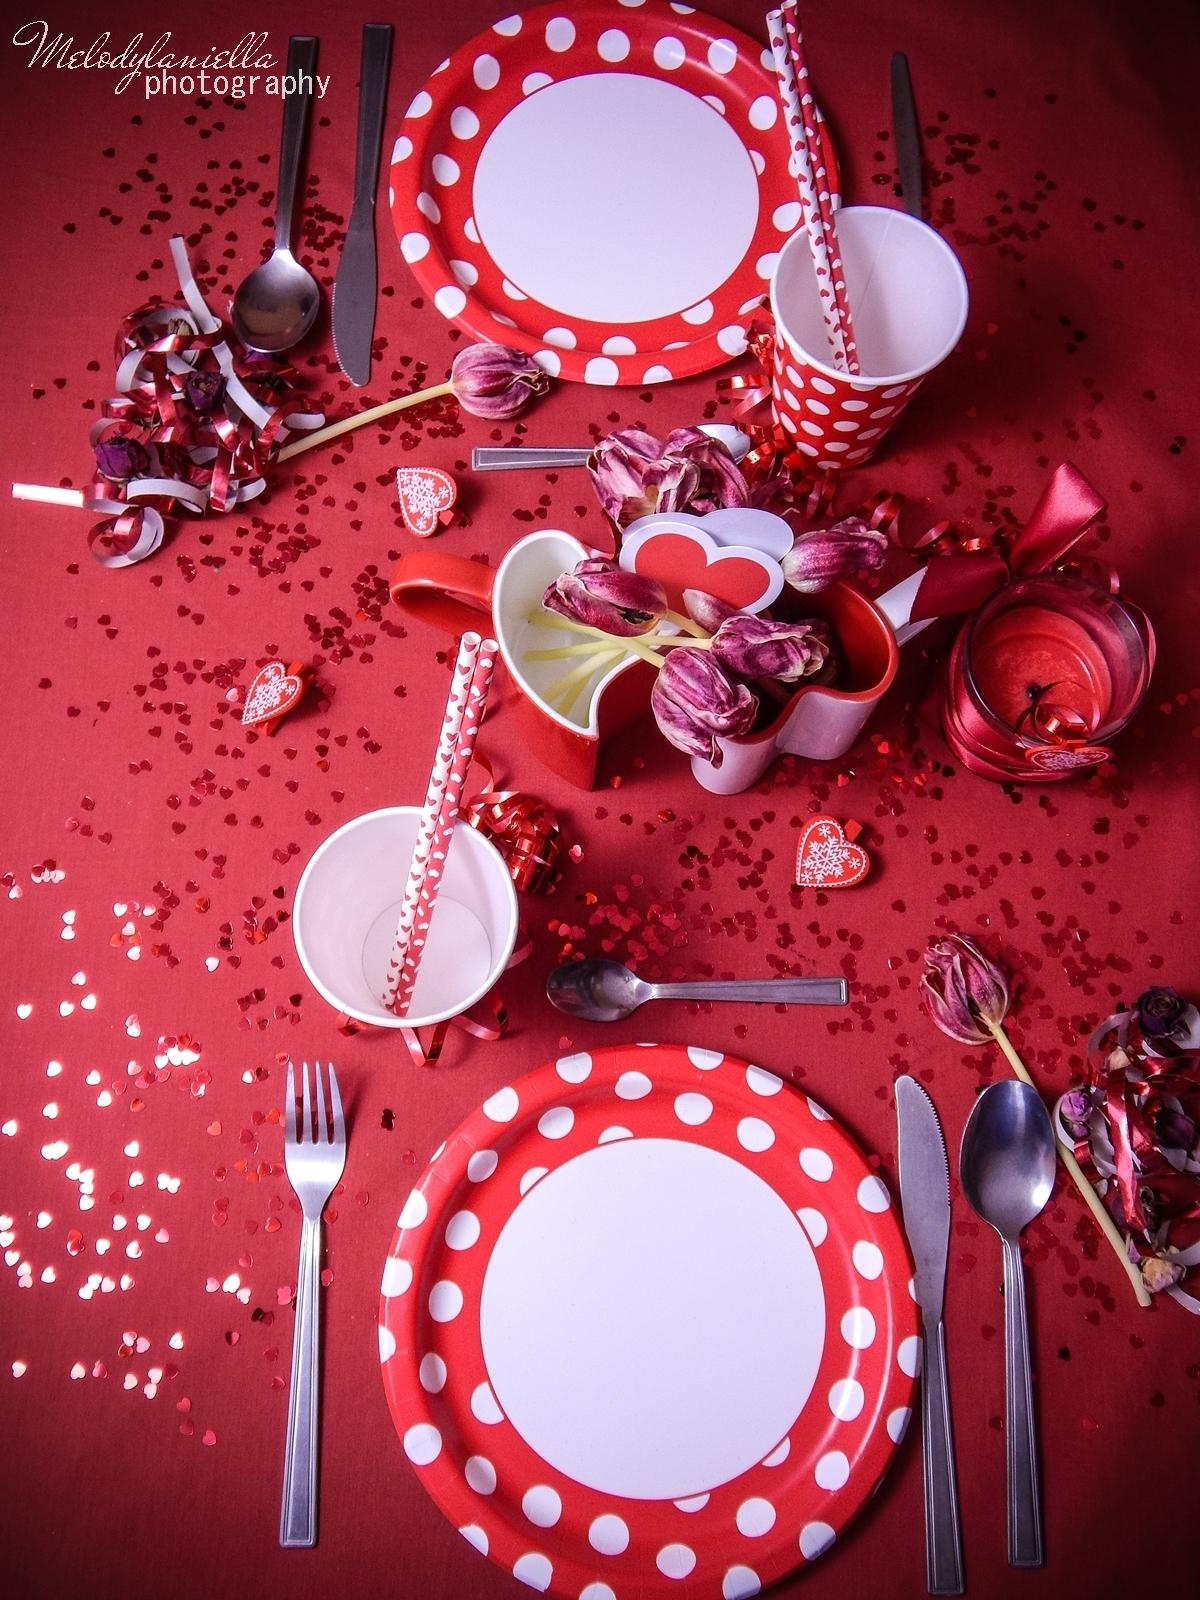 7 jak udekorować stół na walentynki walentynkowa kolacja pomysły na walentynkowe prezenty walentynkowe dekoracje home interior valentines blog melodylaniella partybox red confetti serca